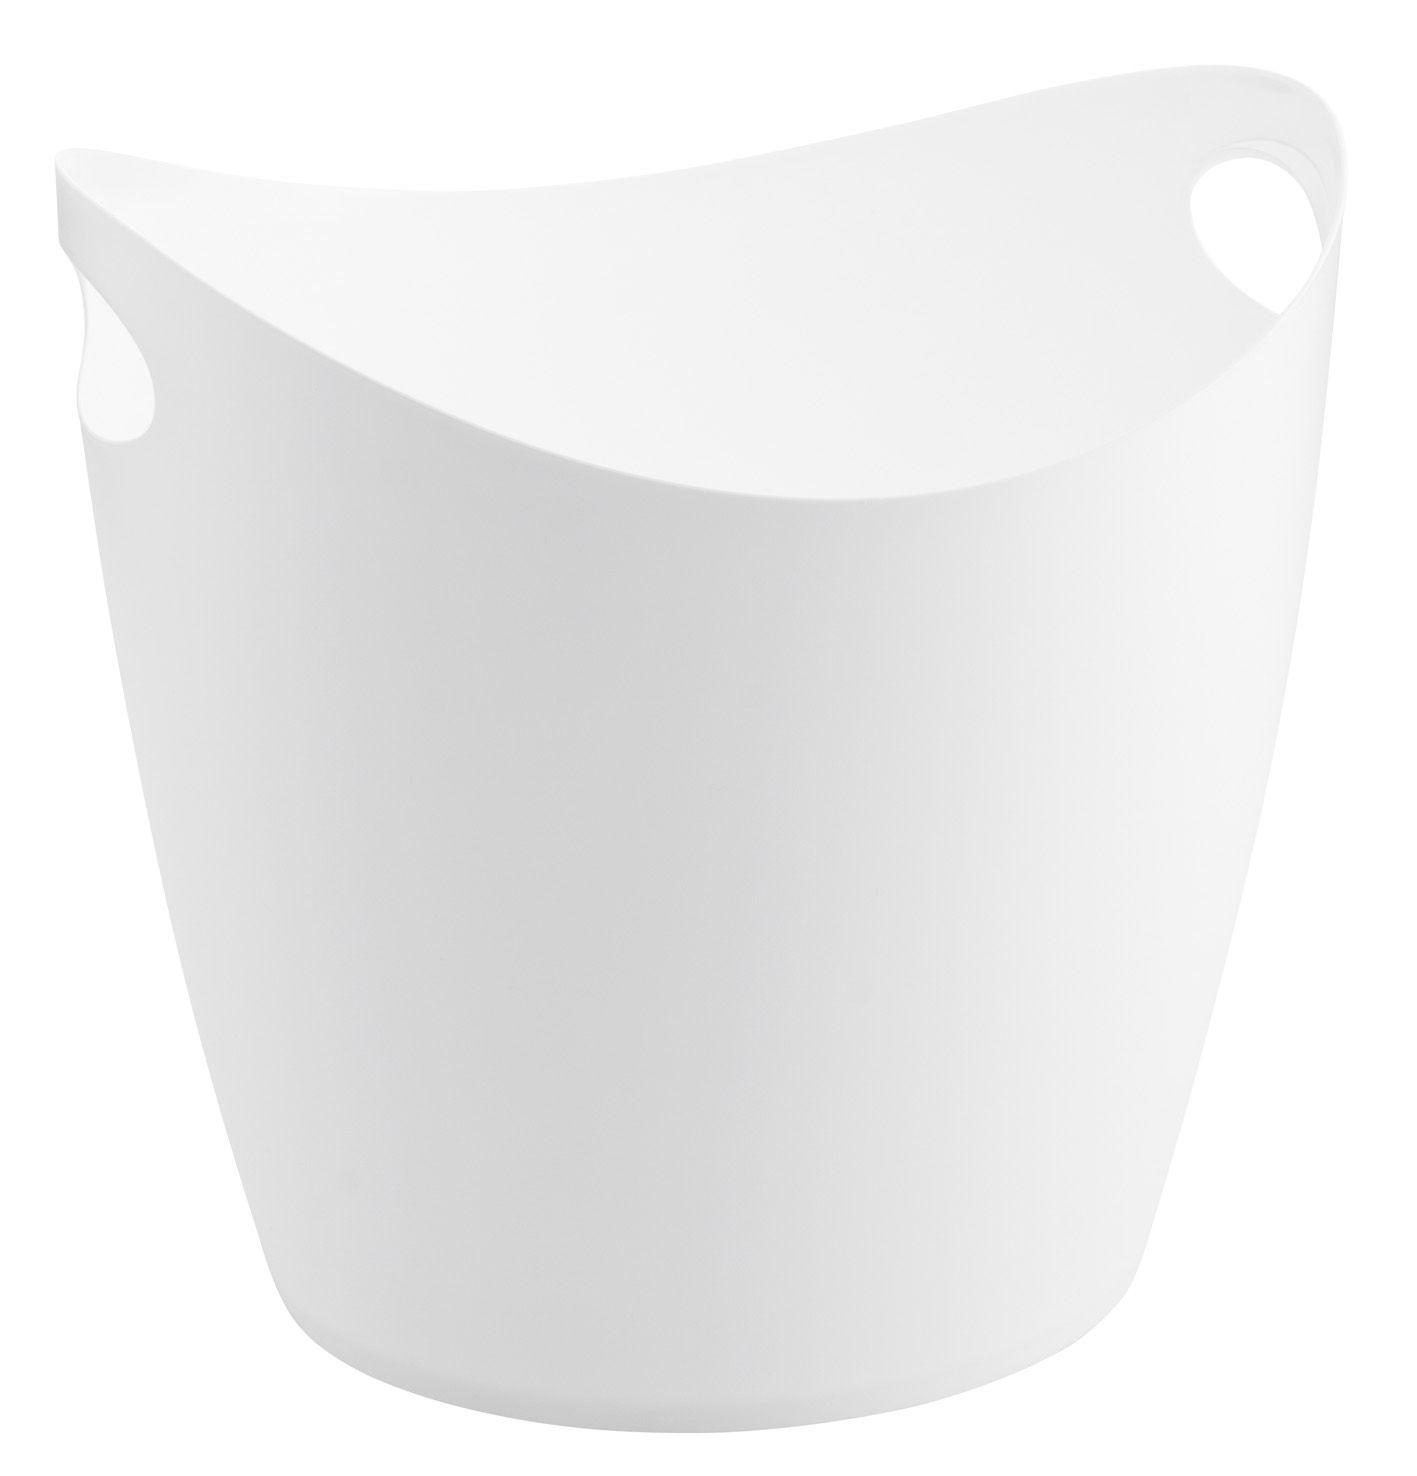 Déco - Salle de bains - Panier Bottichelli XL / Bassine - L 44 x H 40 cm - Koziol - Blanc - Polypropylène